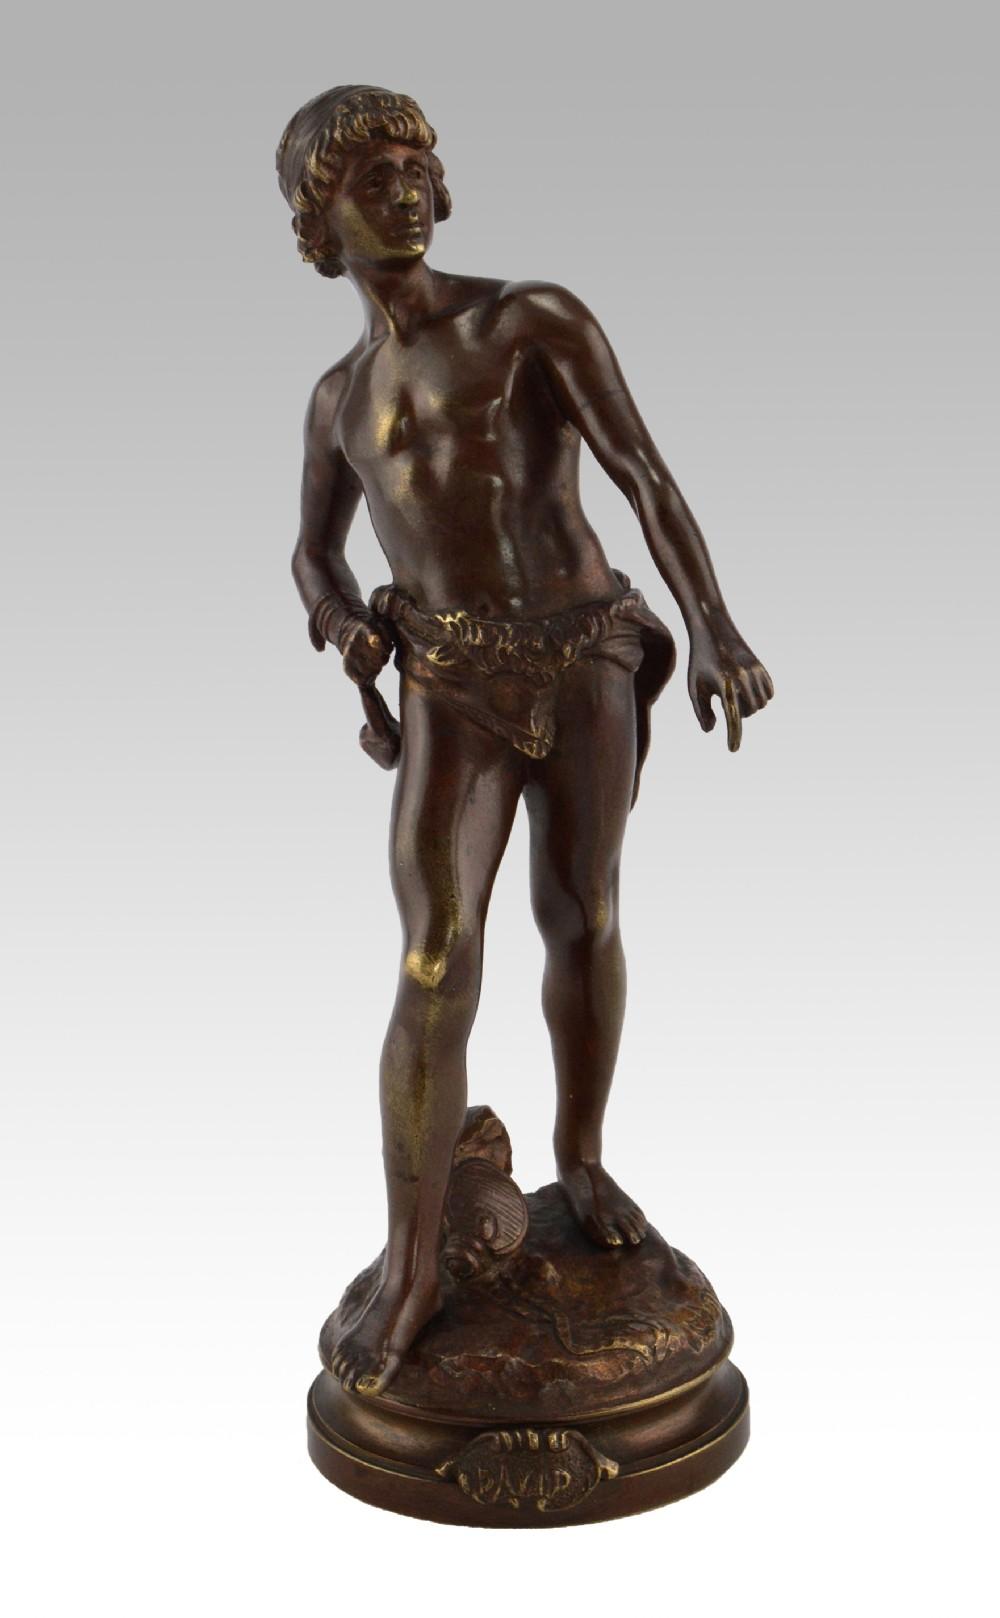 bronze sculpture of david by louis auguste moreau